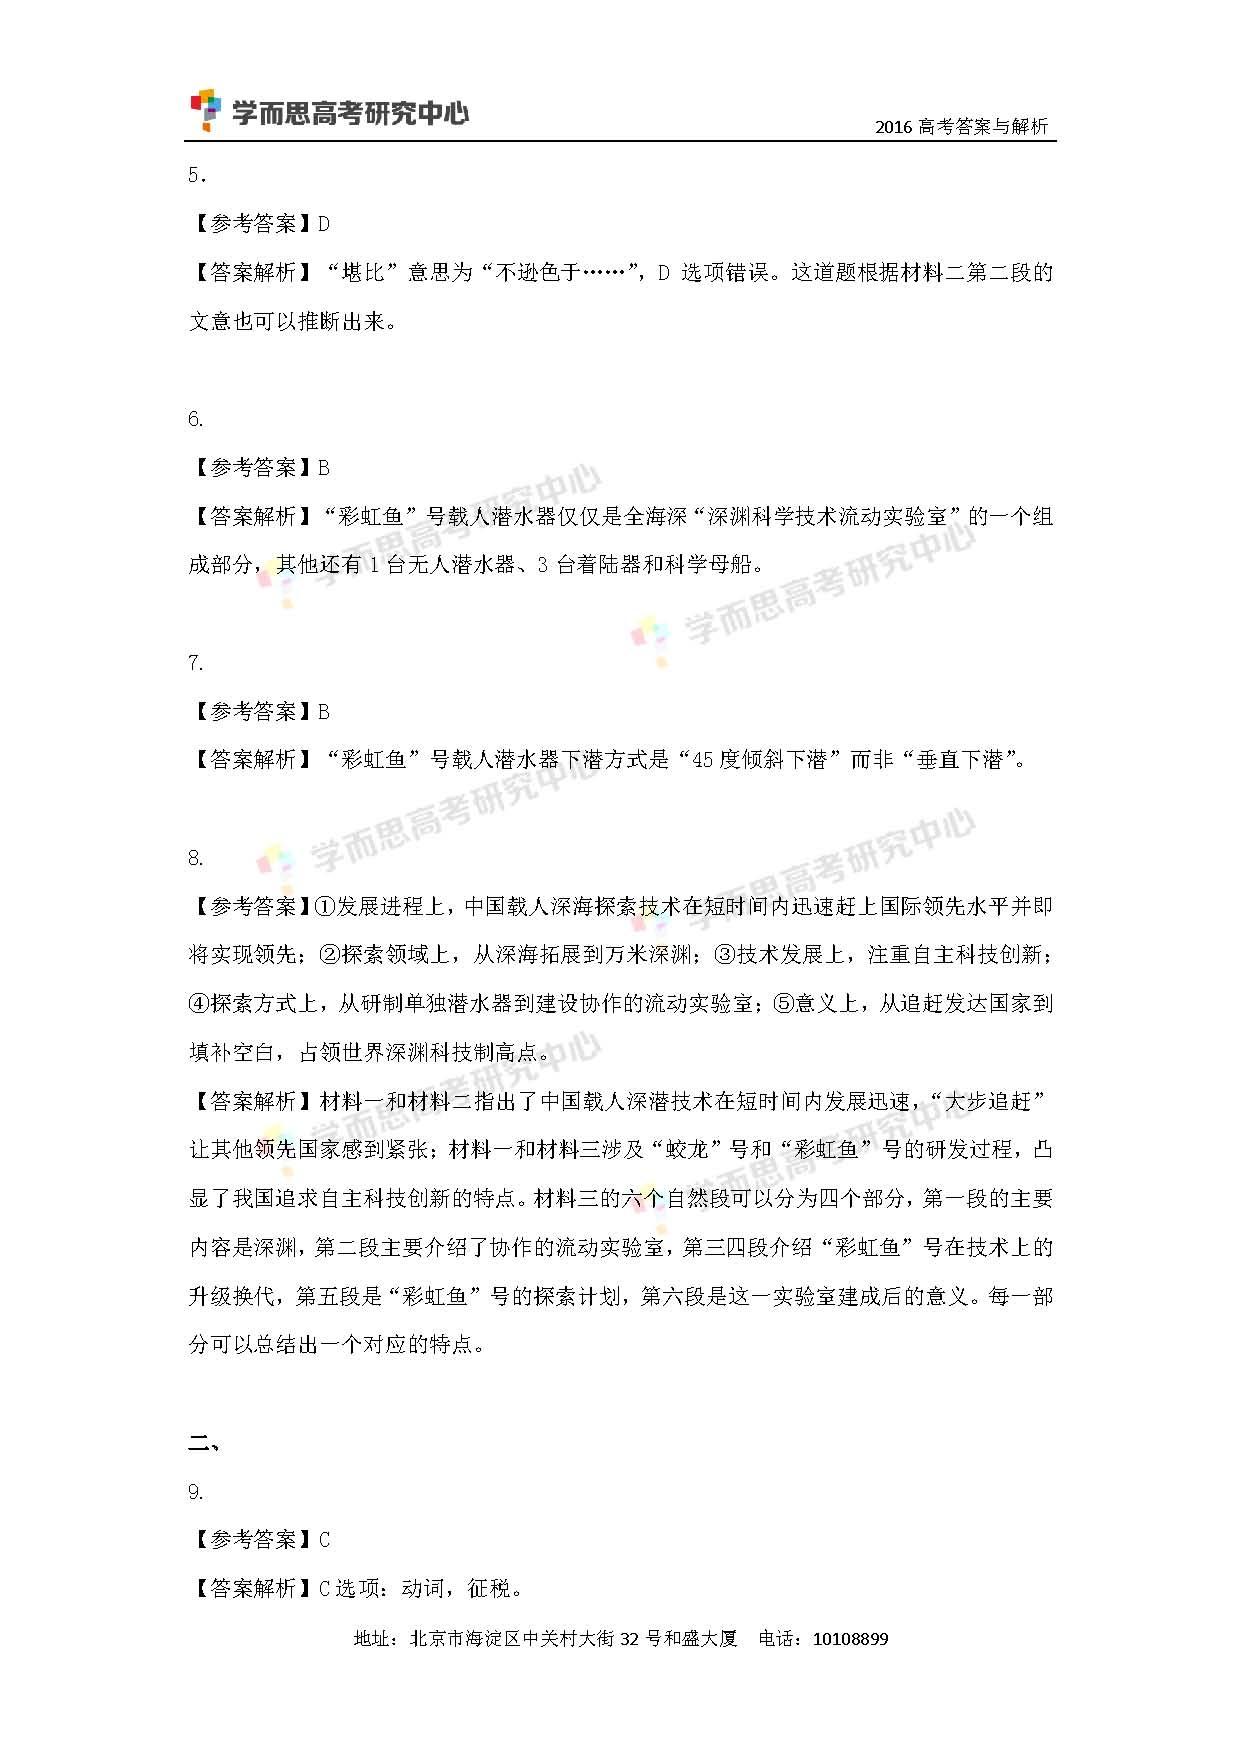 0_页面_02.jpg